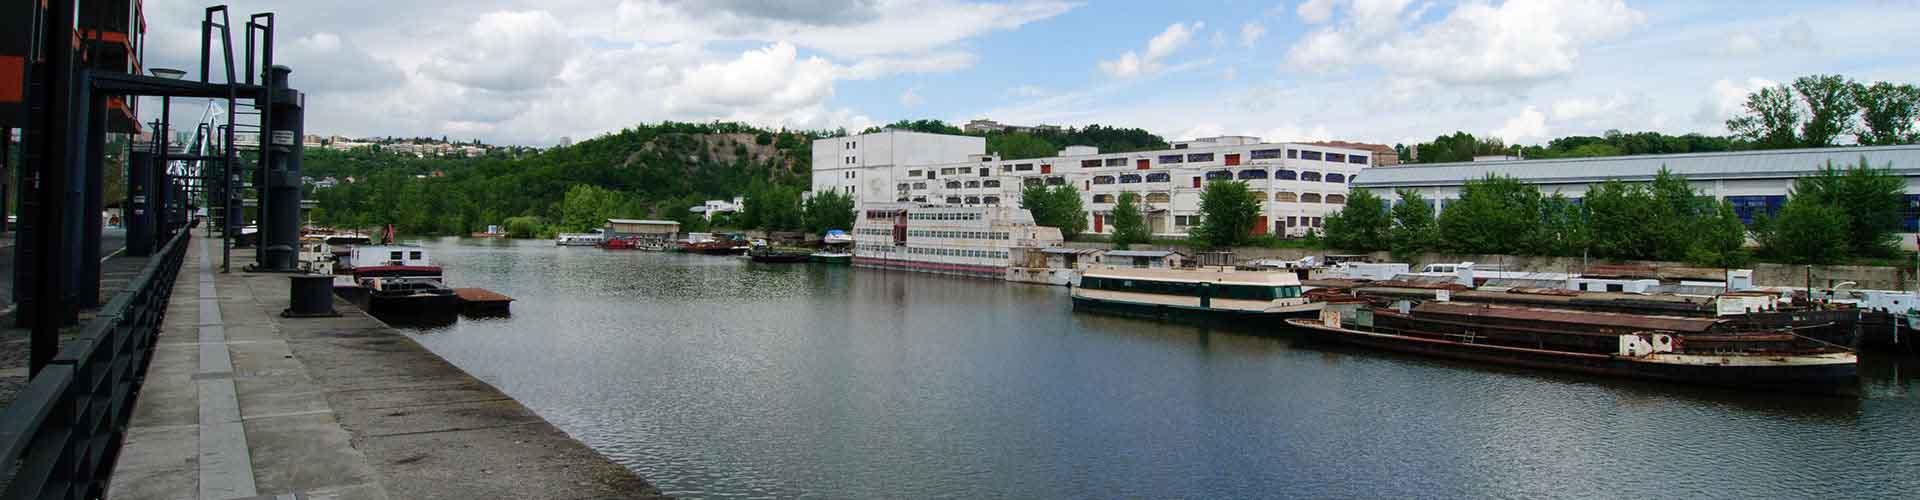 布拉格 – Holesovice区的青年旅舍。布拉格地图,布拉格每间青年旅舍的照片和评价。